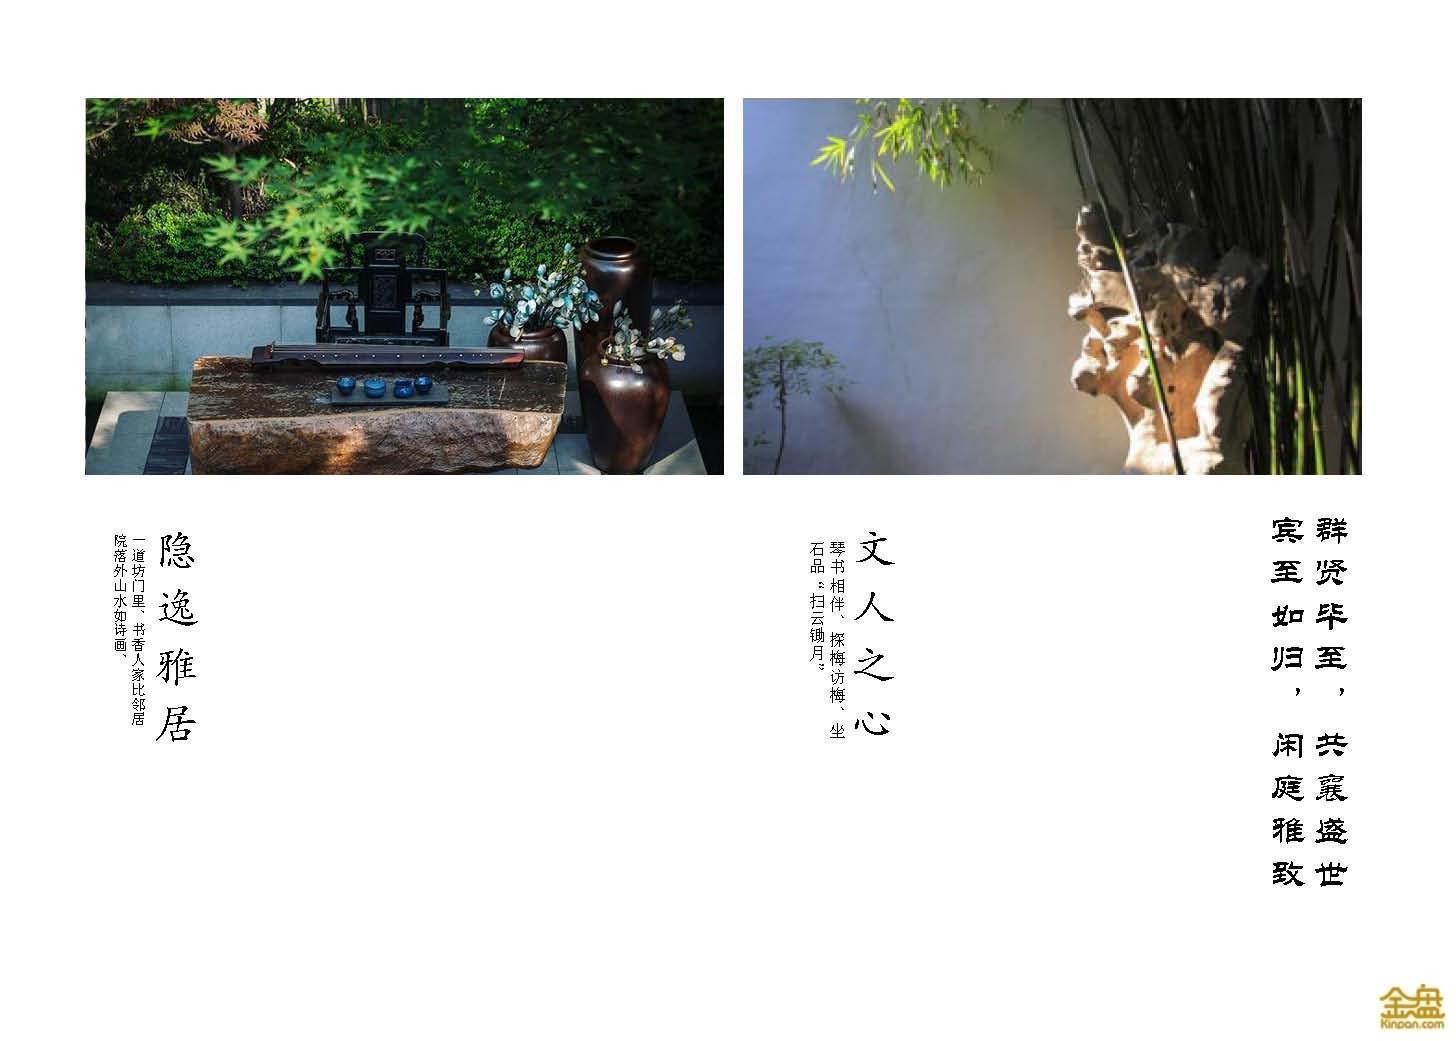 20170416鸿麦庄园(打印)_页面_17.jpg